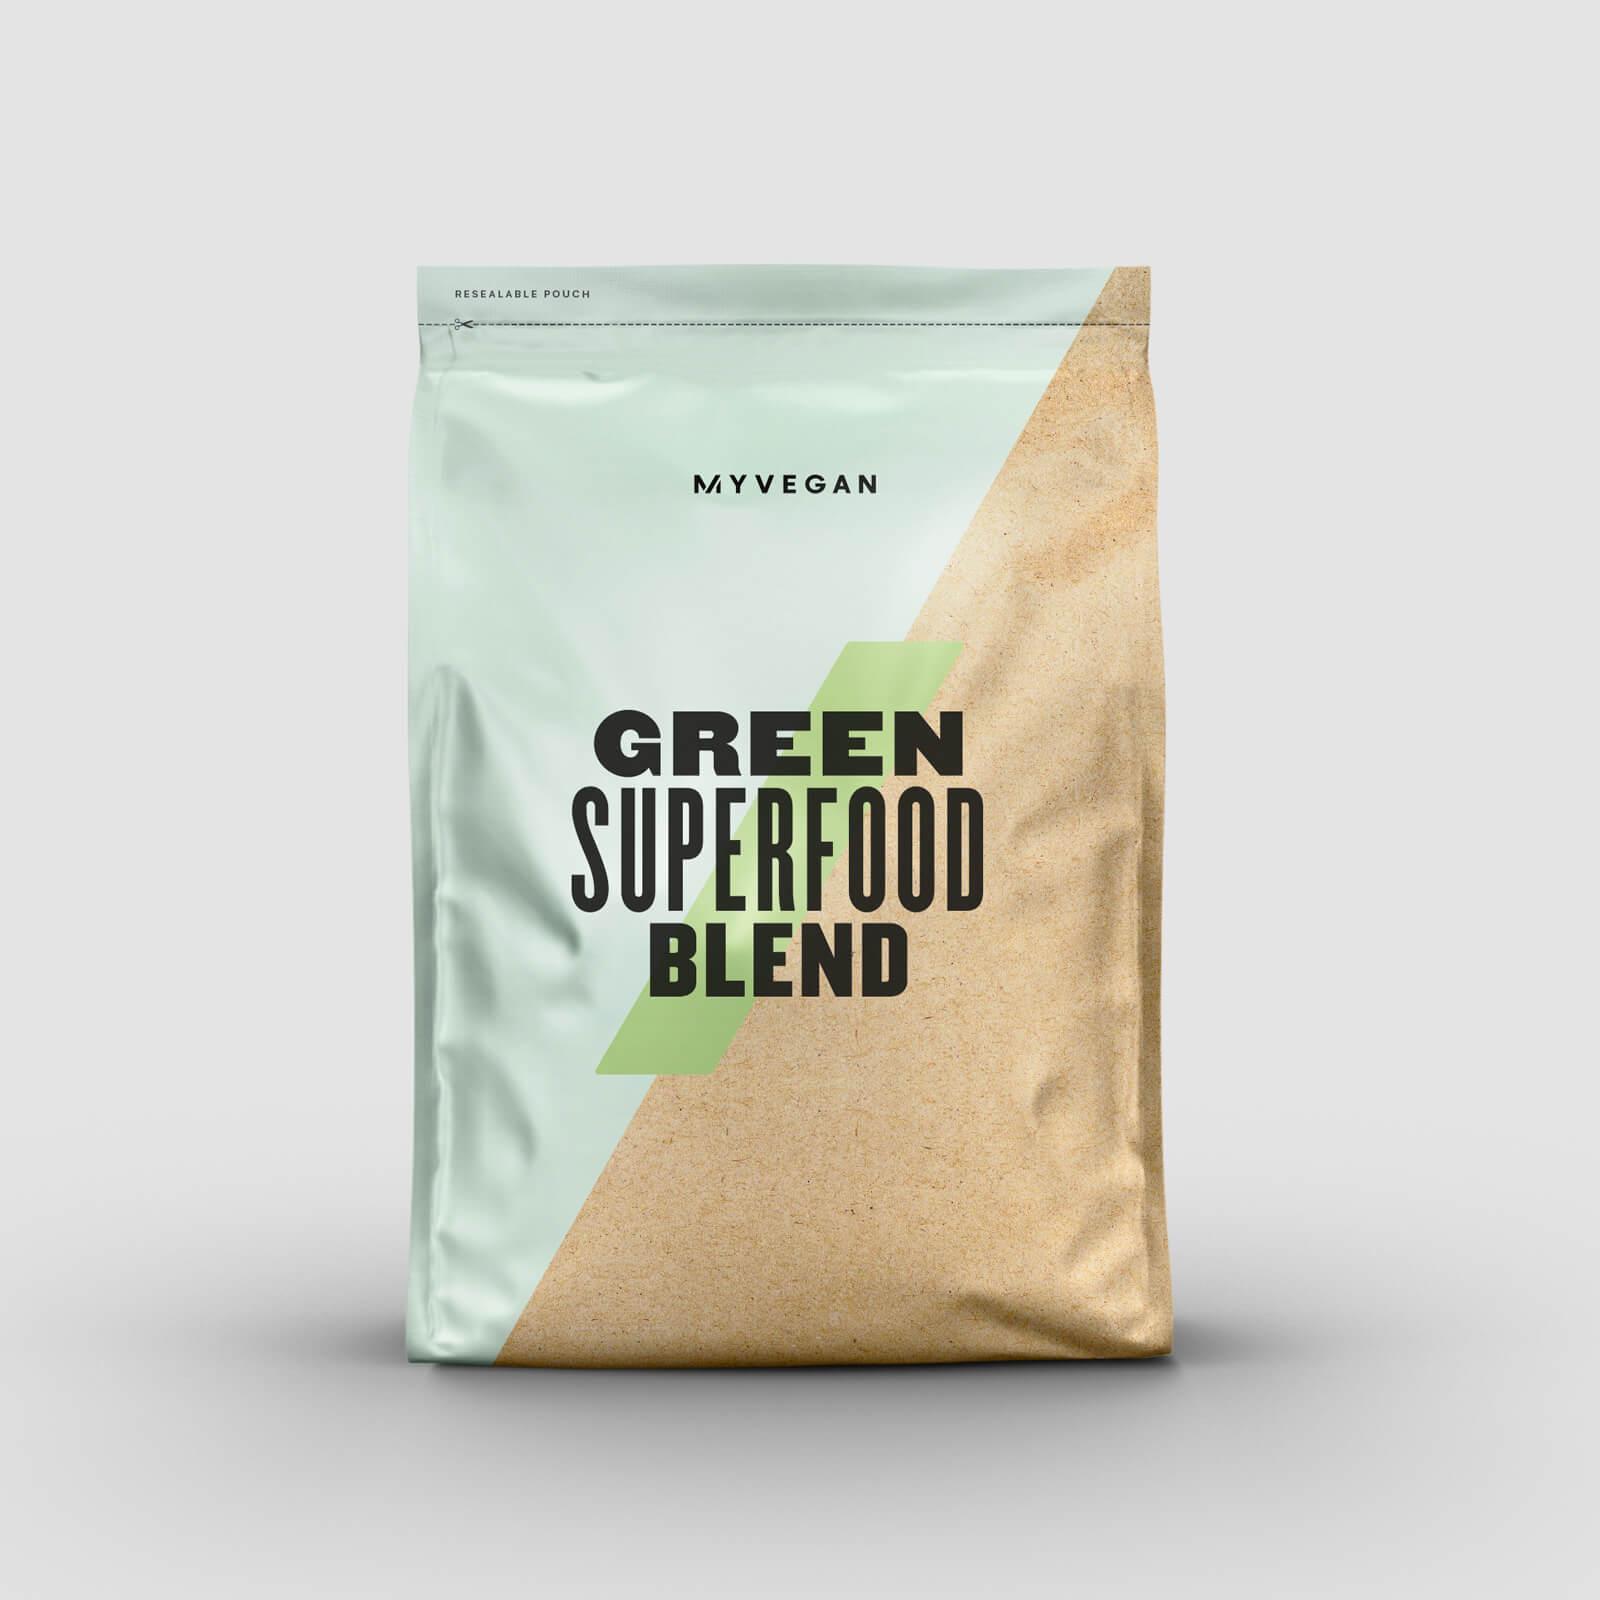 Myprotein Green Superfood Blend - 250g - Unflavoured